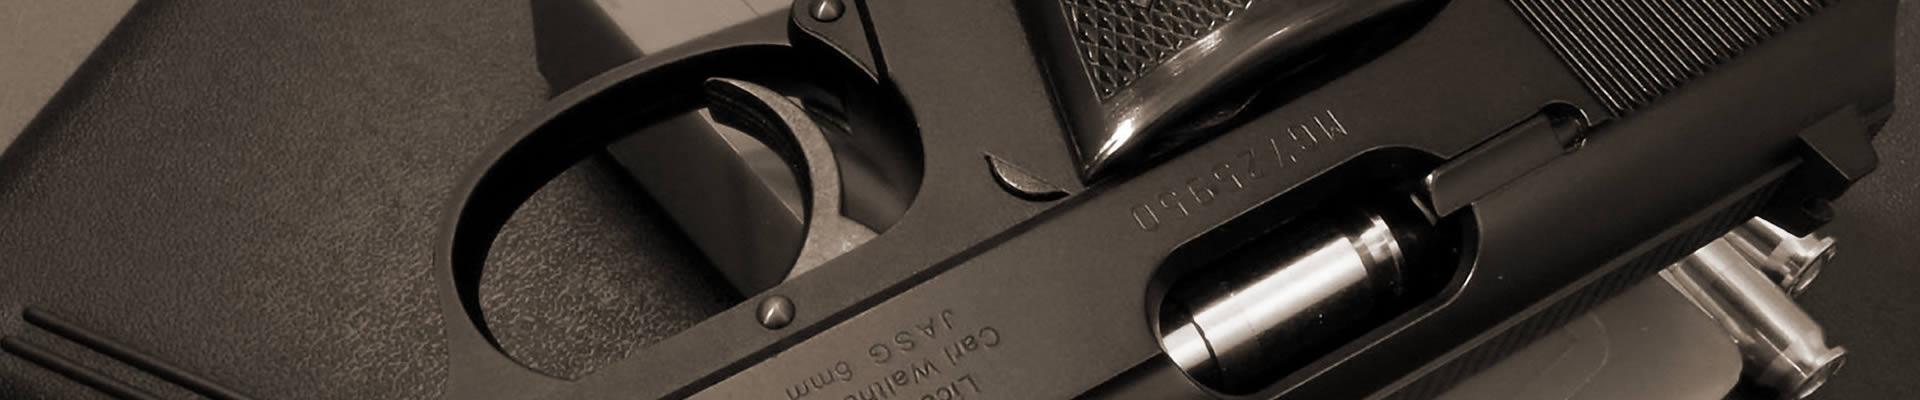 arms-accessories_sfondo